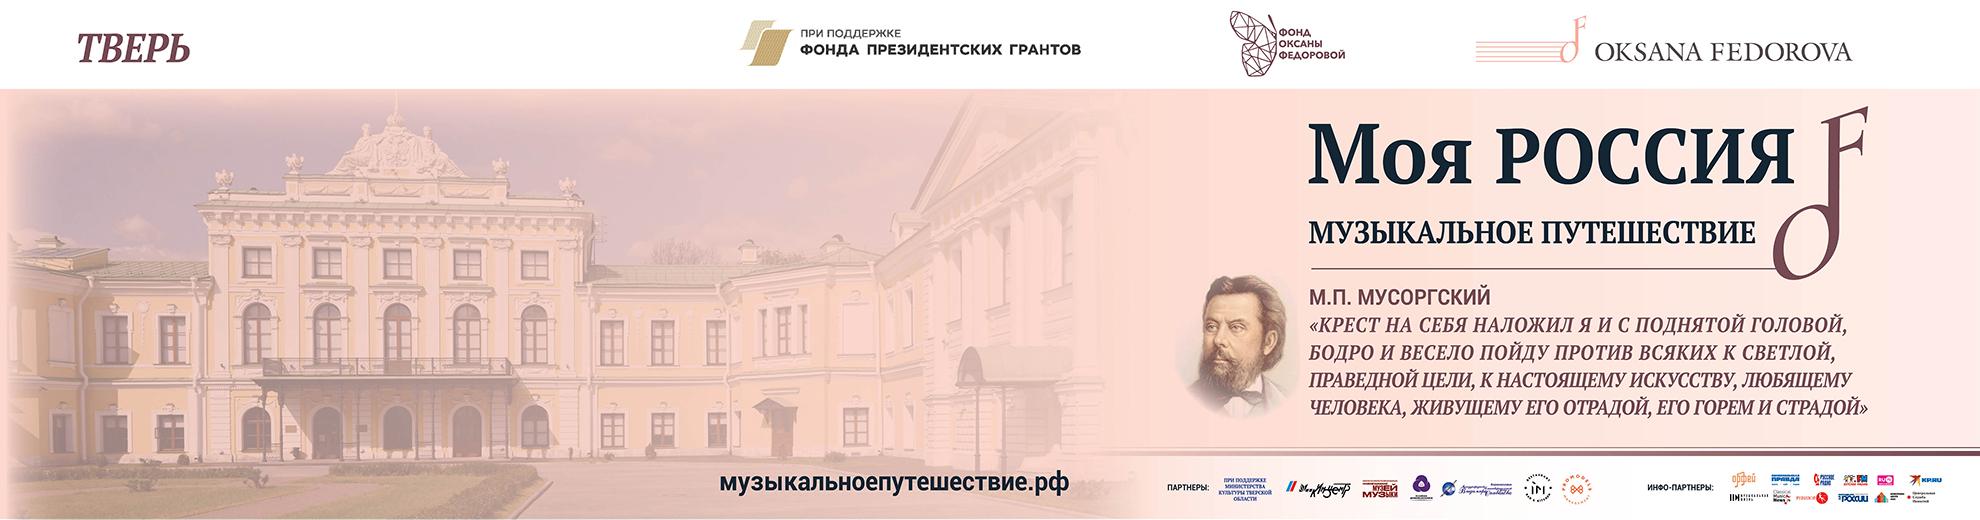 1950_520_Тверь_композиторы